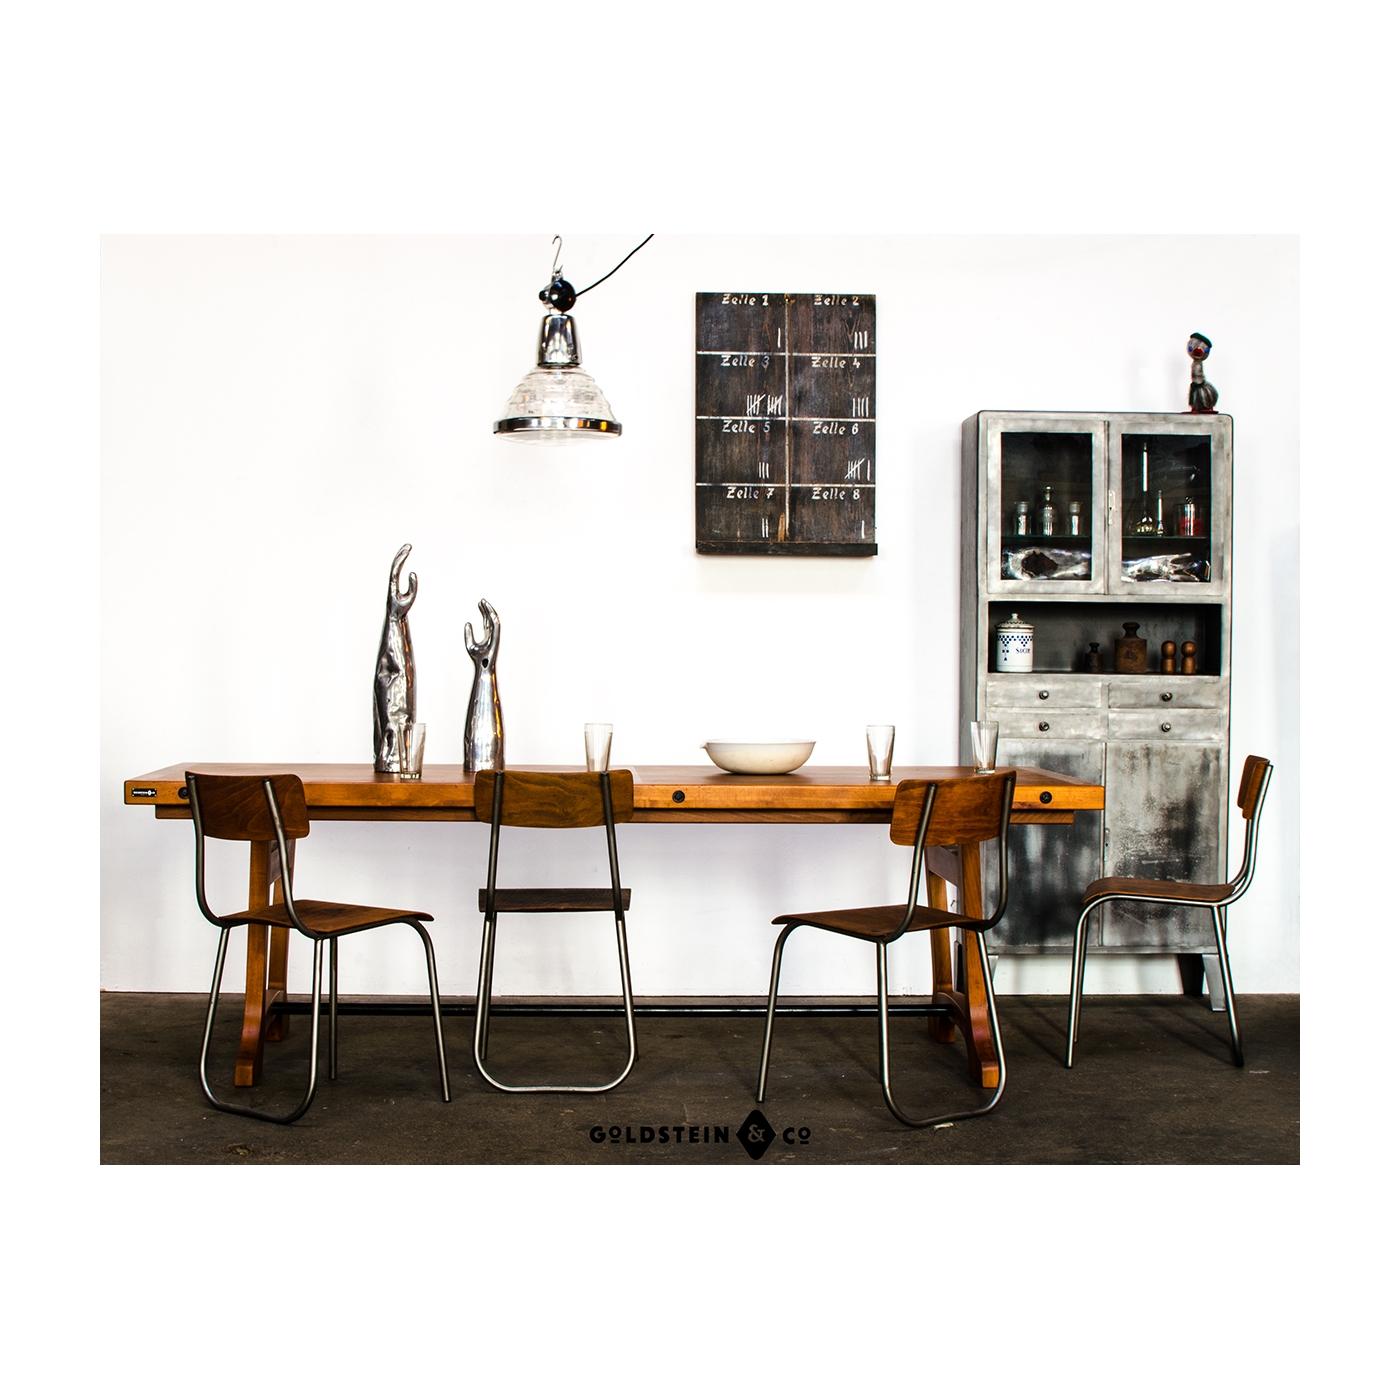 groer esstisch zum ausziehen ovale esstische zum ausziehen esstische zum ausziehen esstische. Black Bedroom Furniture Sets. Home Design Ideas